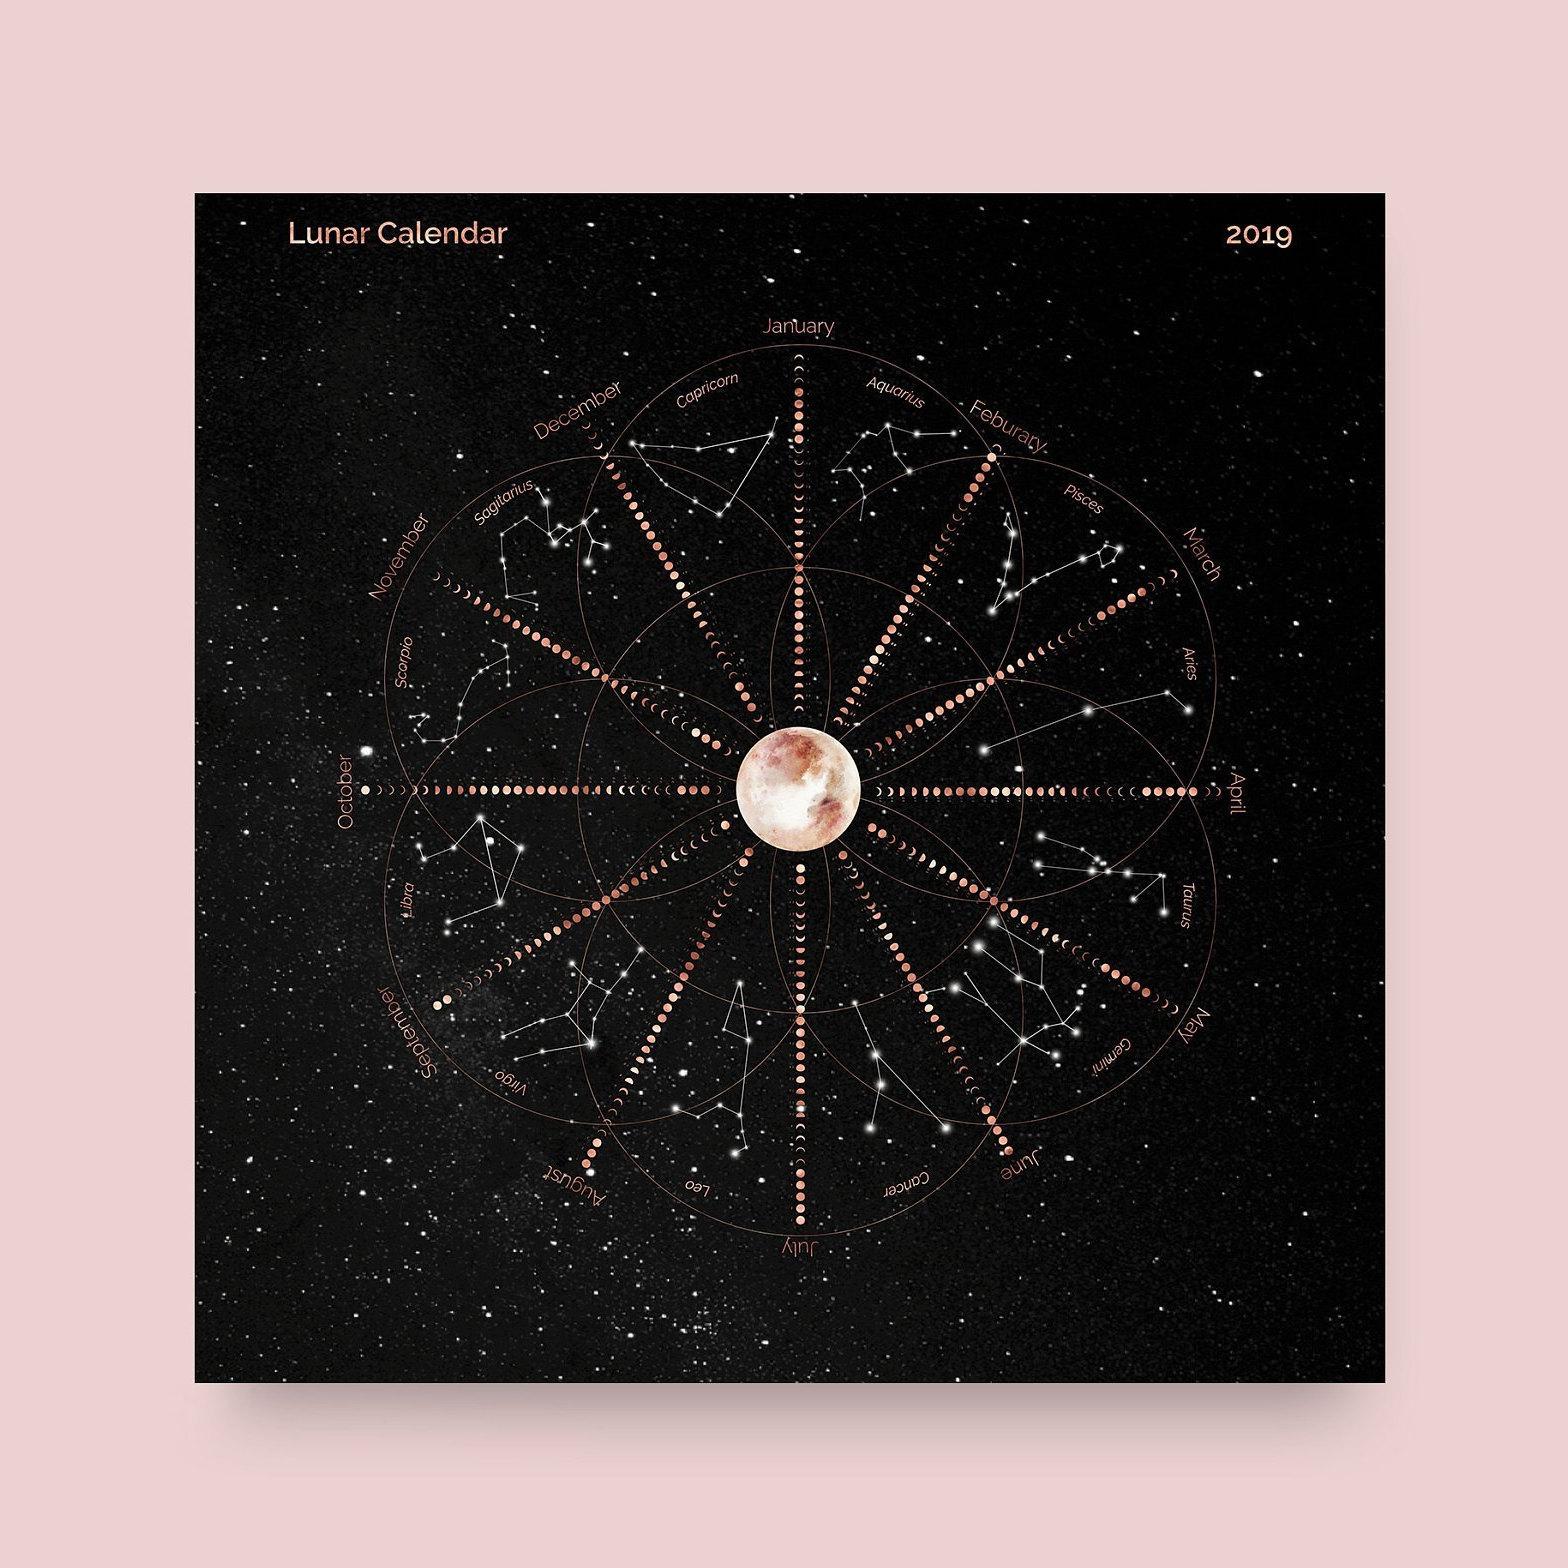 Lunar Calendar 2019 Printable, Printable Lunar Calendar, Zodiac  Constellations, Rose Gold On Black, Printable Calendar, Calendar Printable pertaining to Om Journal Lunar Calendar